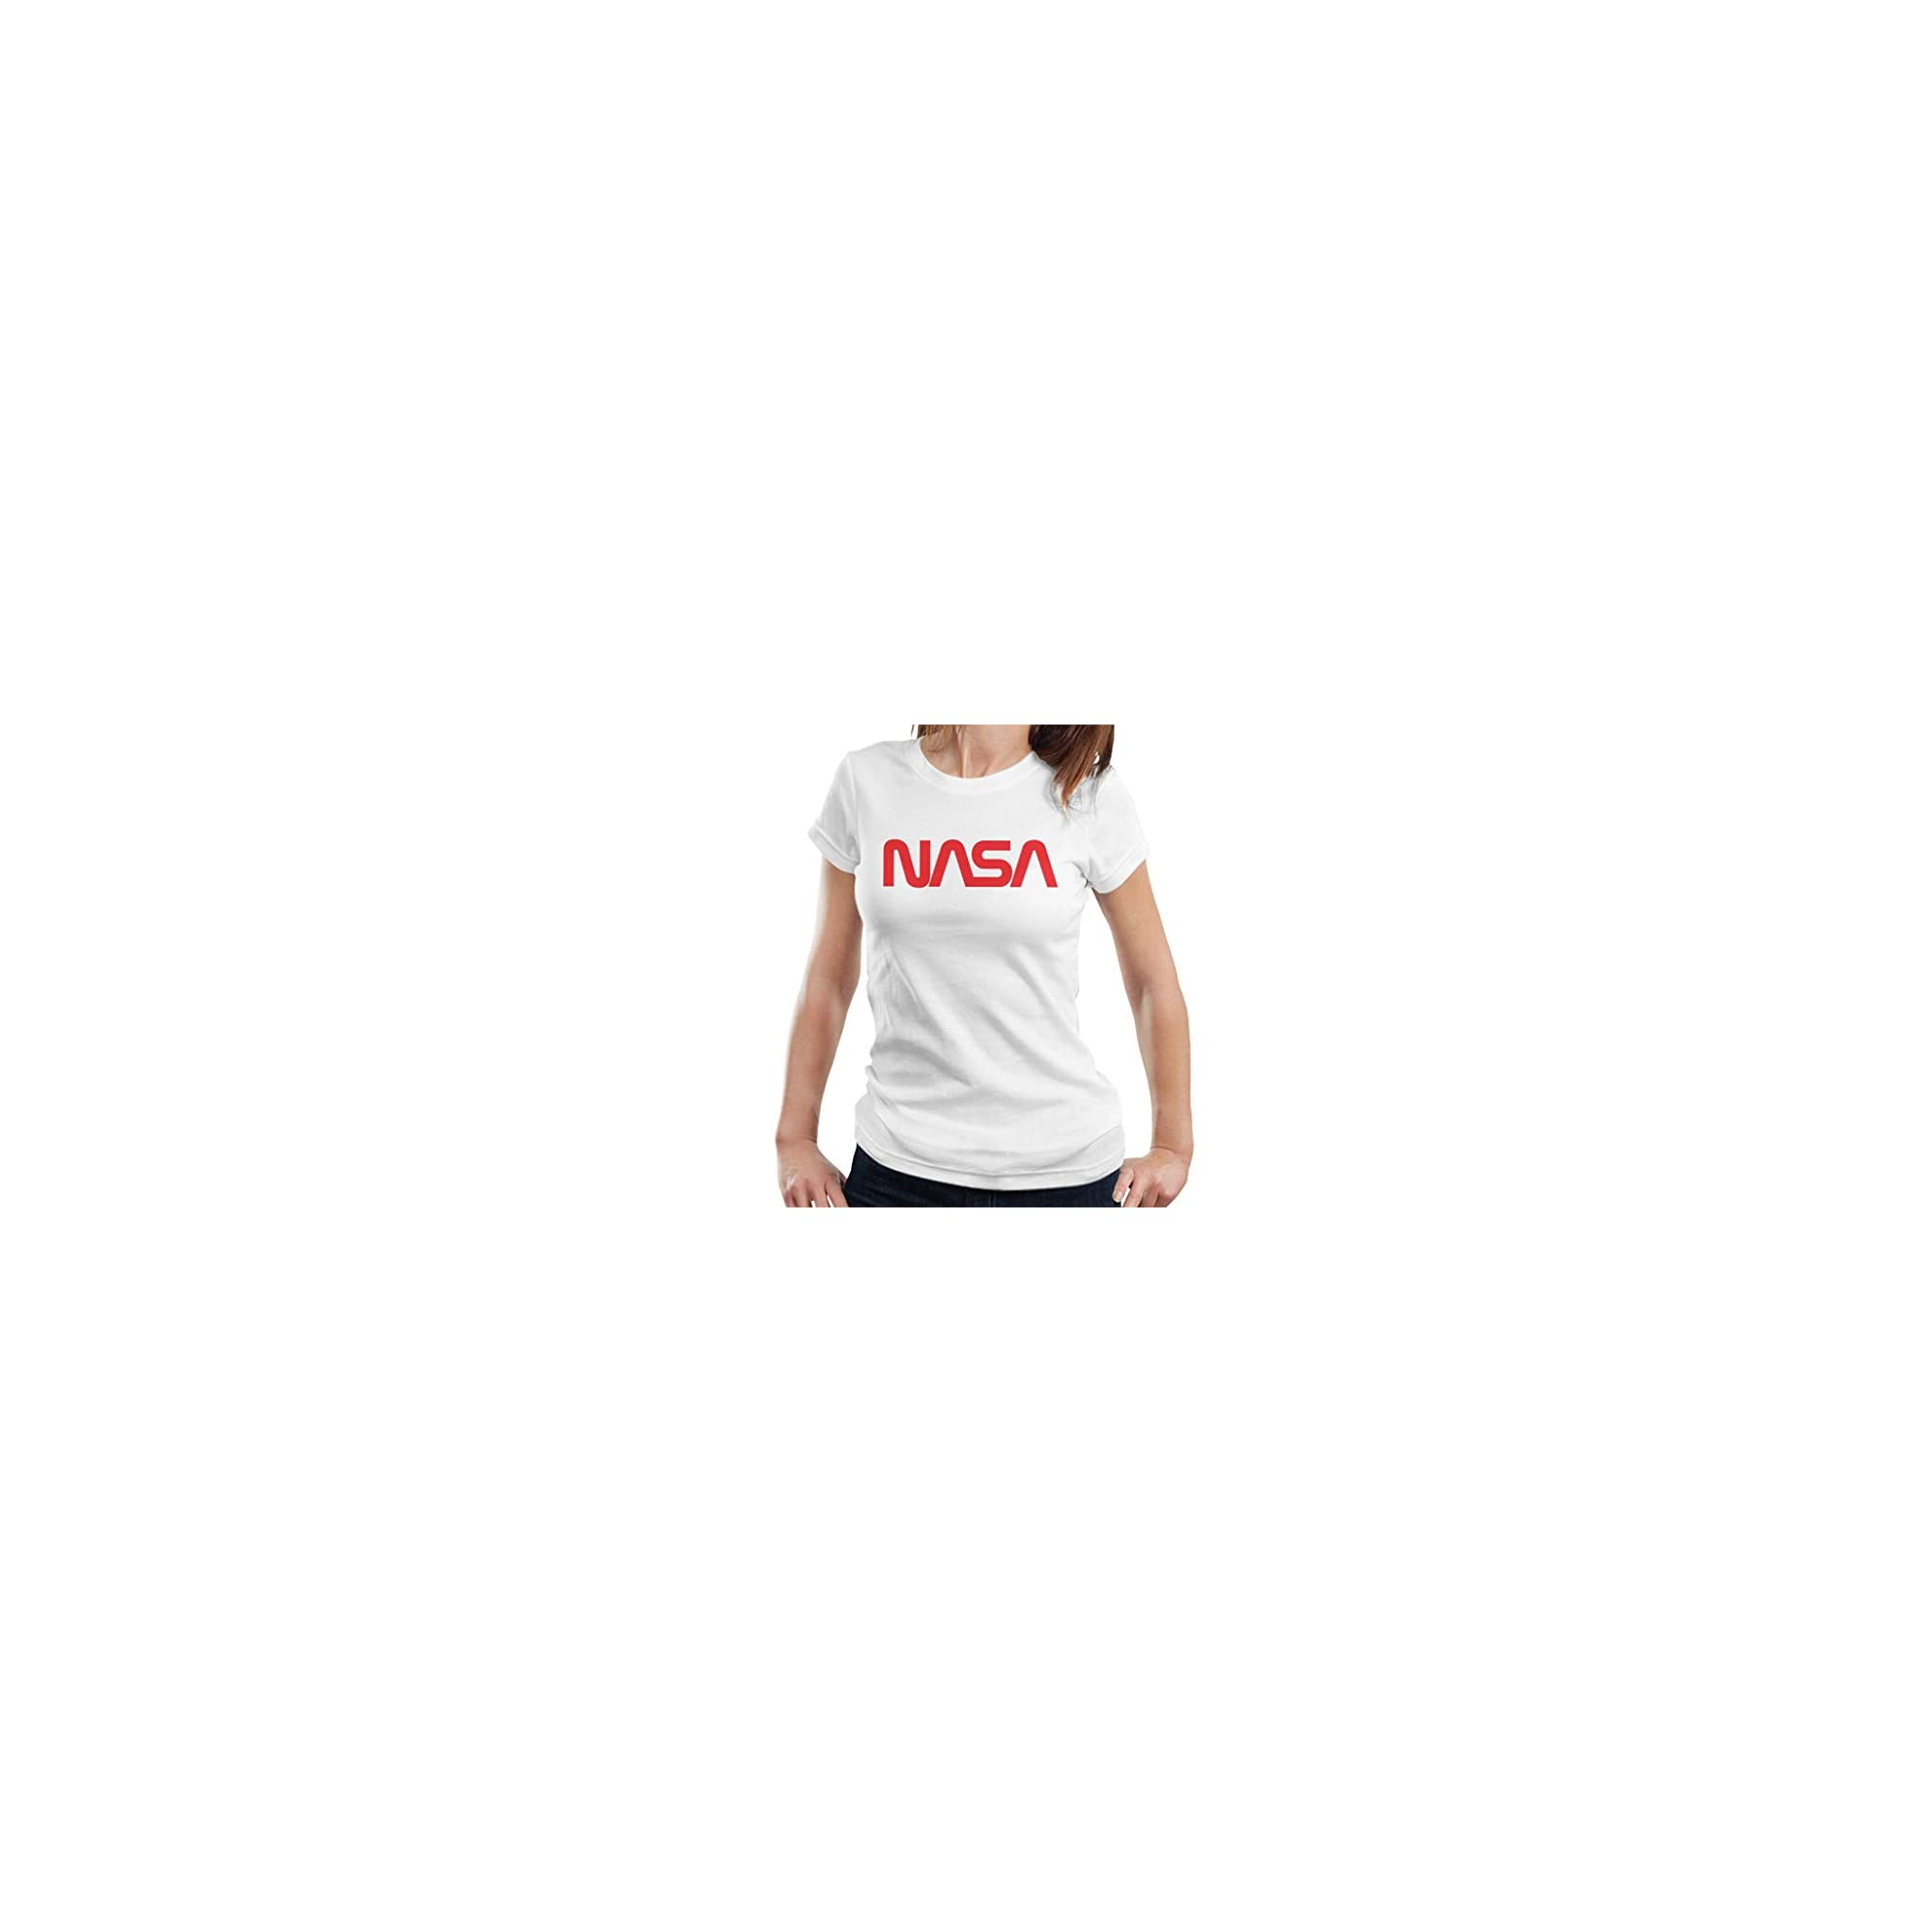 Inicio Logo Rojo Nasa Camiseta Vendidas Blanca Más Mujer Camisetas r07ZqTr